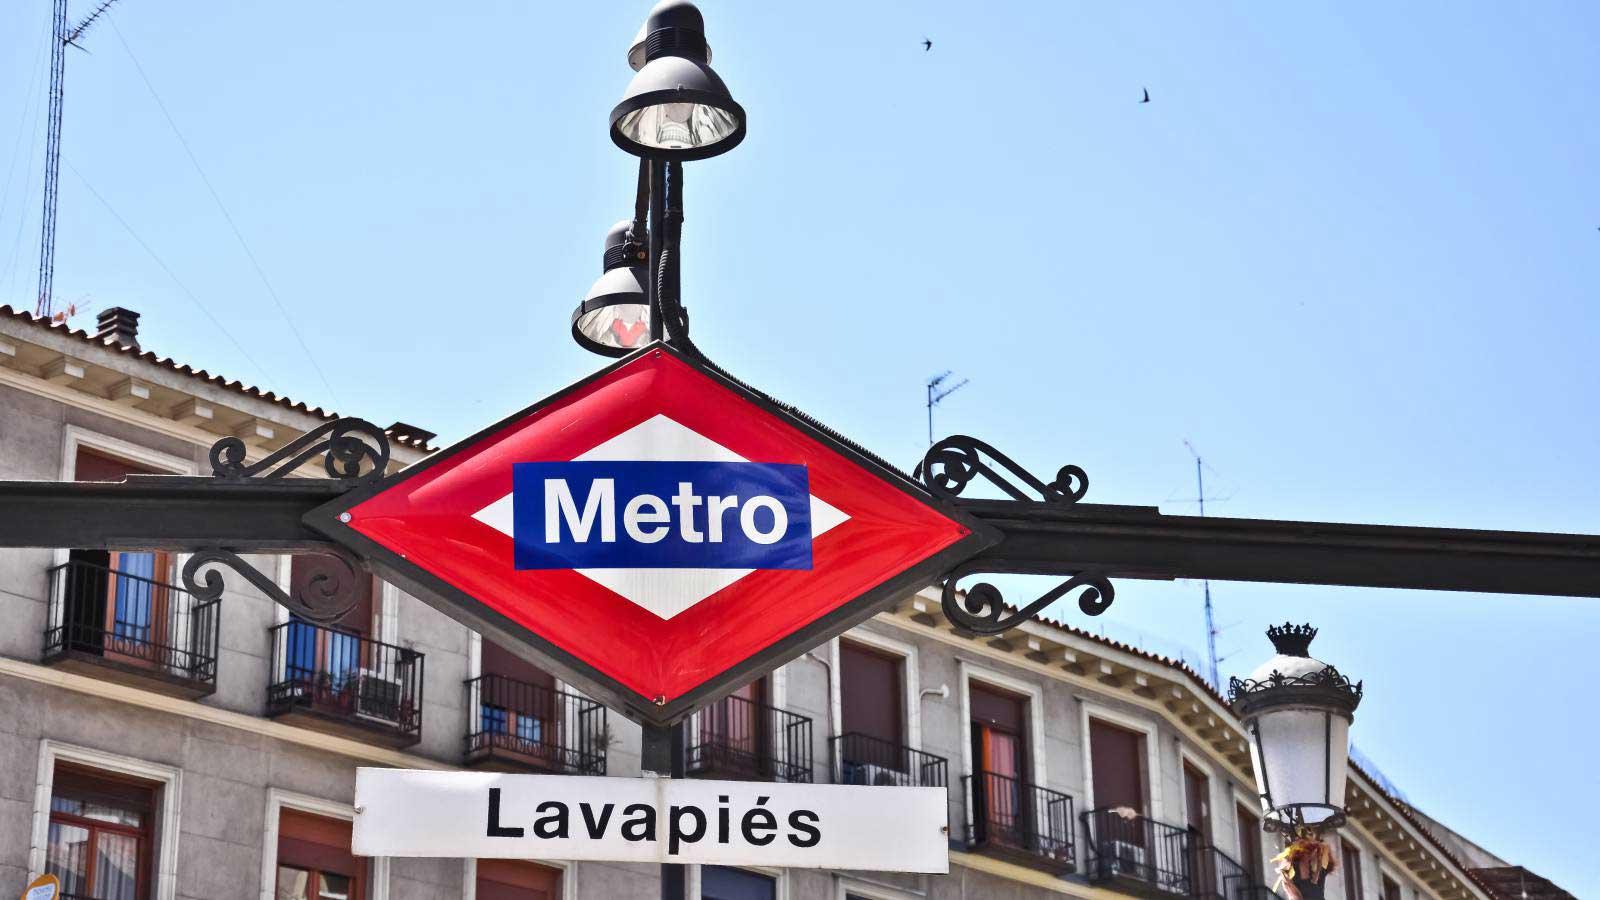 Metro de Lavapiés